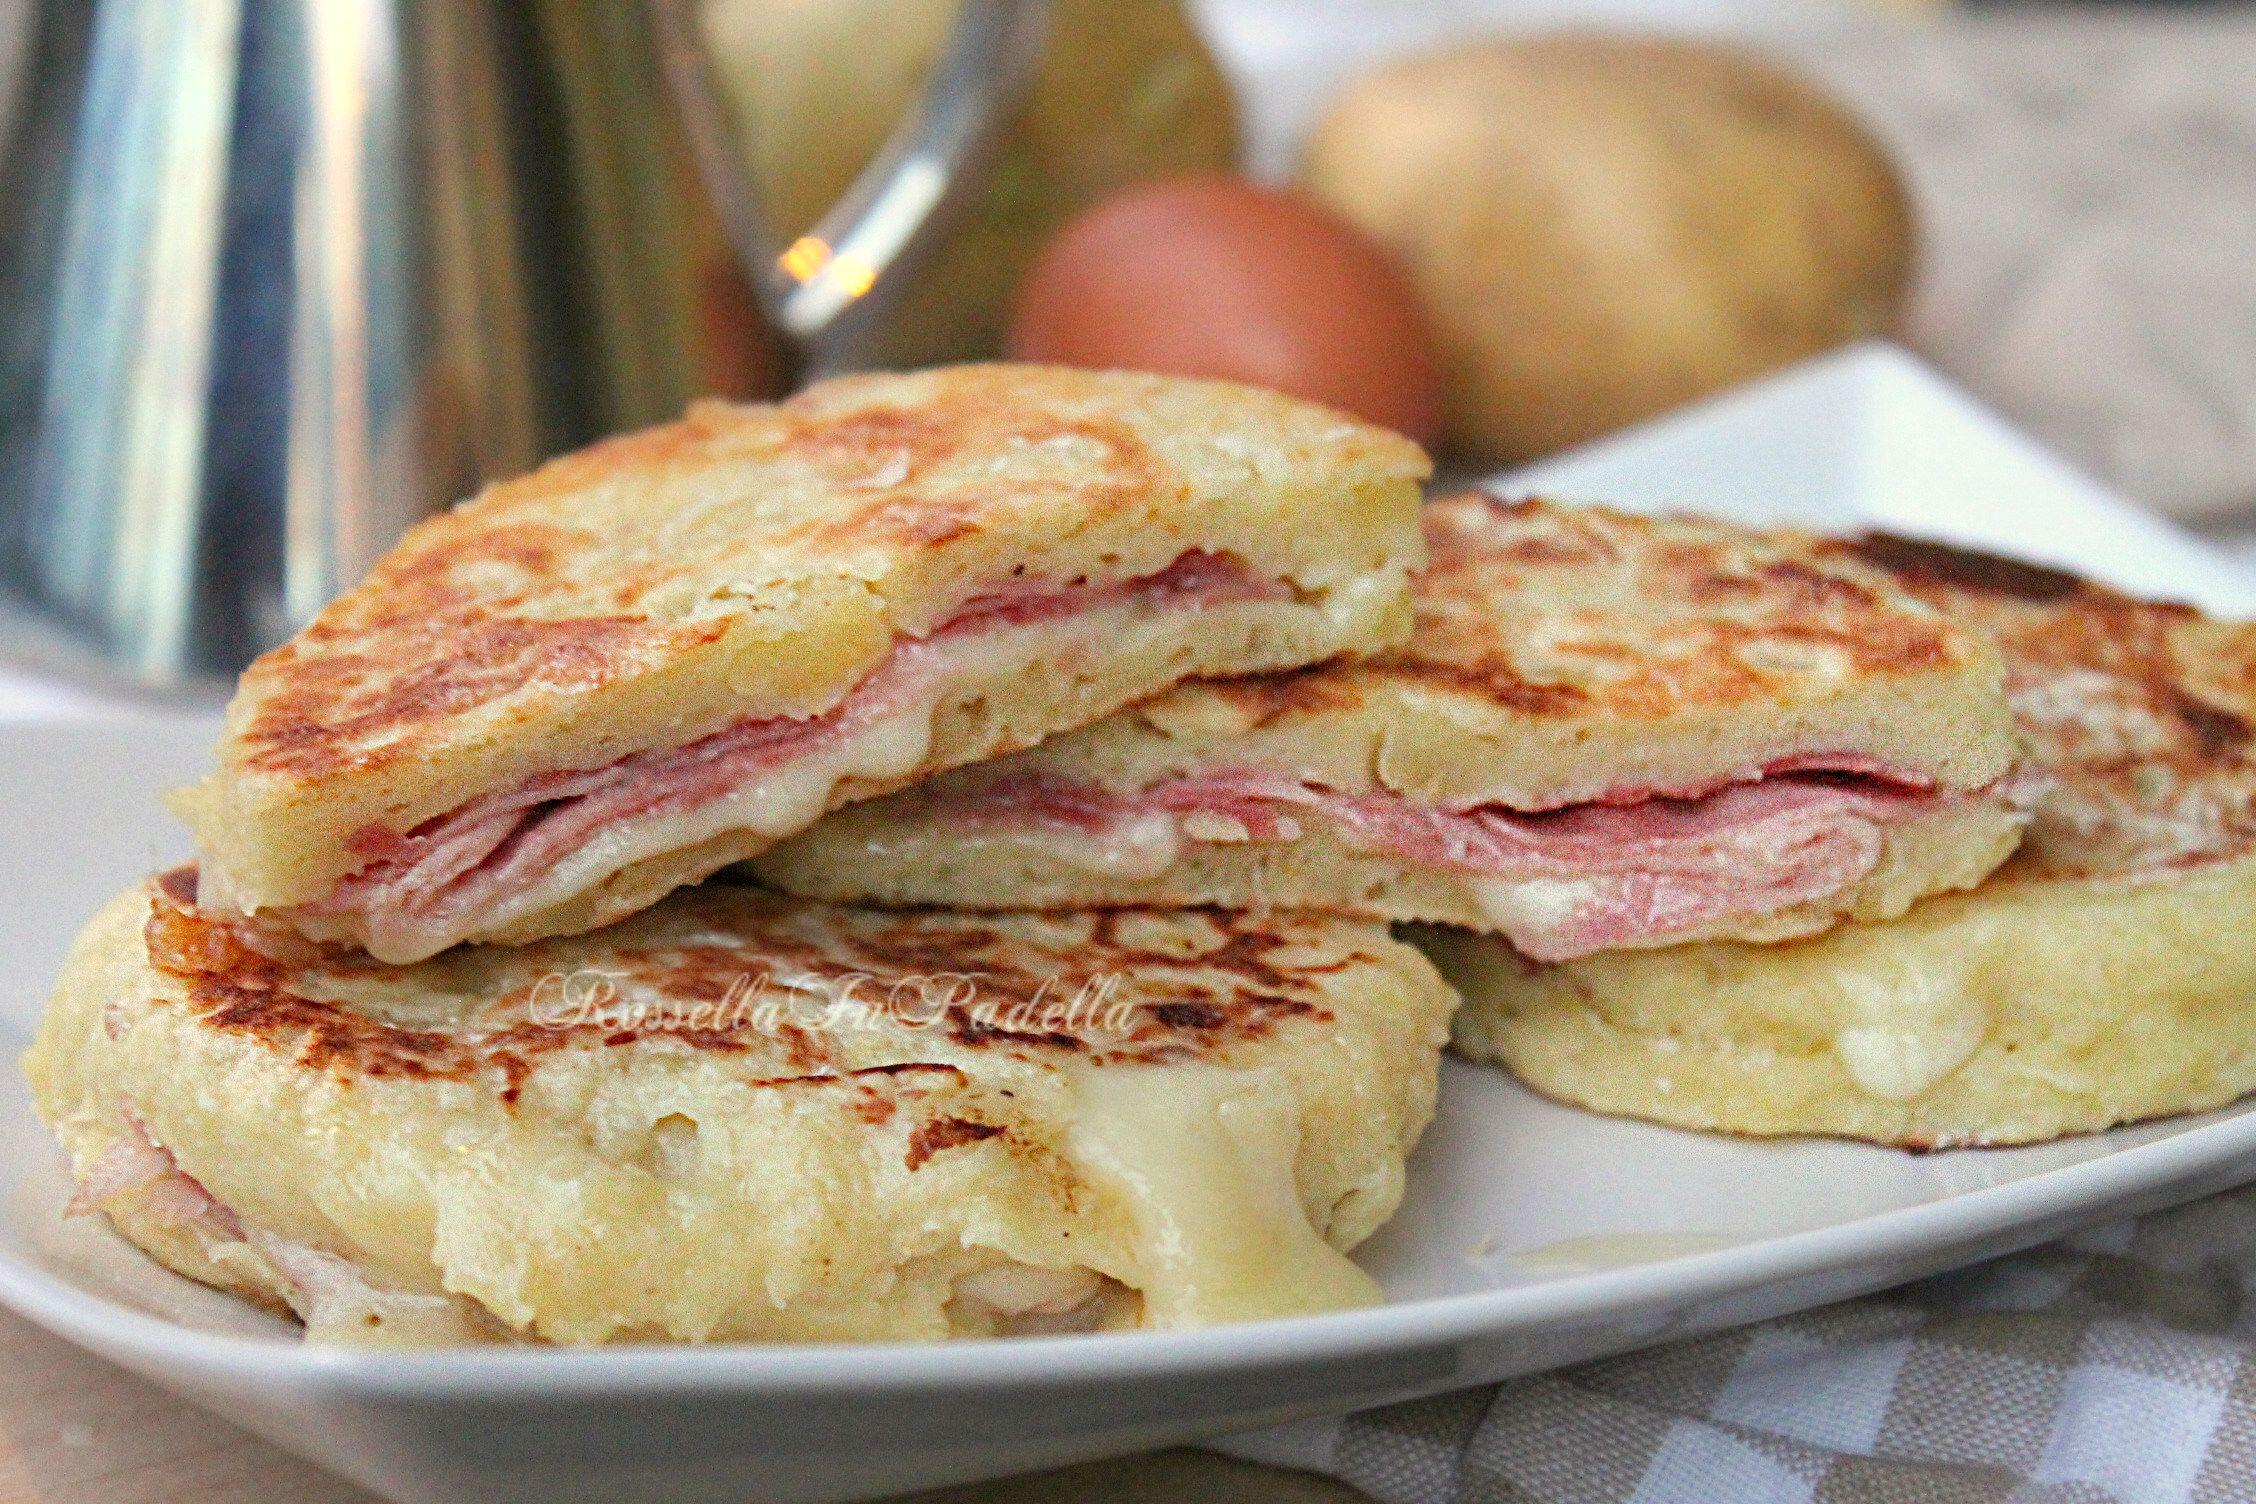 """<a href=""""http://blog.giallozafferano.it/rossellainpadella/focaccine-di-patate-filanti-in-padella/"""">http://blog.giallozafferano.it/rossellainpadella/focaccine-di-patate-filanti-in-padella/</a>"""